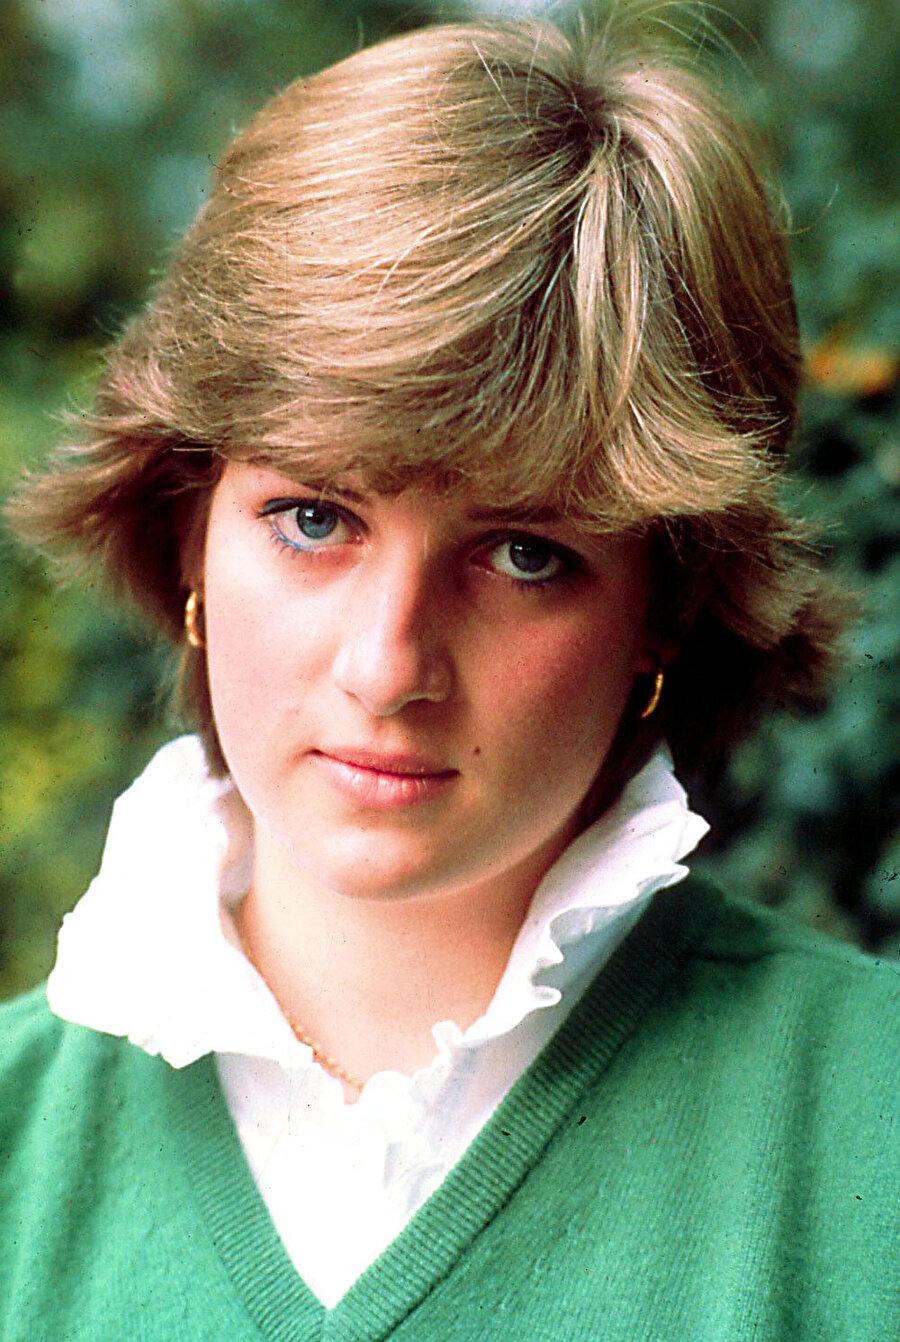 Prenses Diana aynı zamanda Elton John, George Michael ve Bryan Adams ile de arkadaştı.